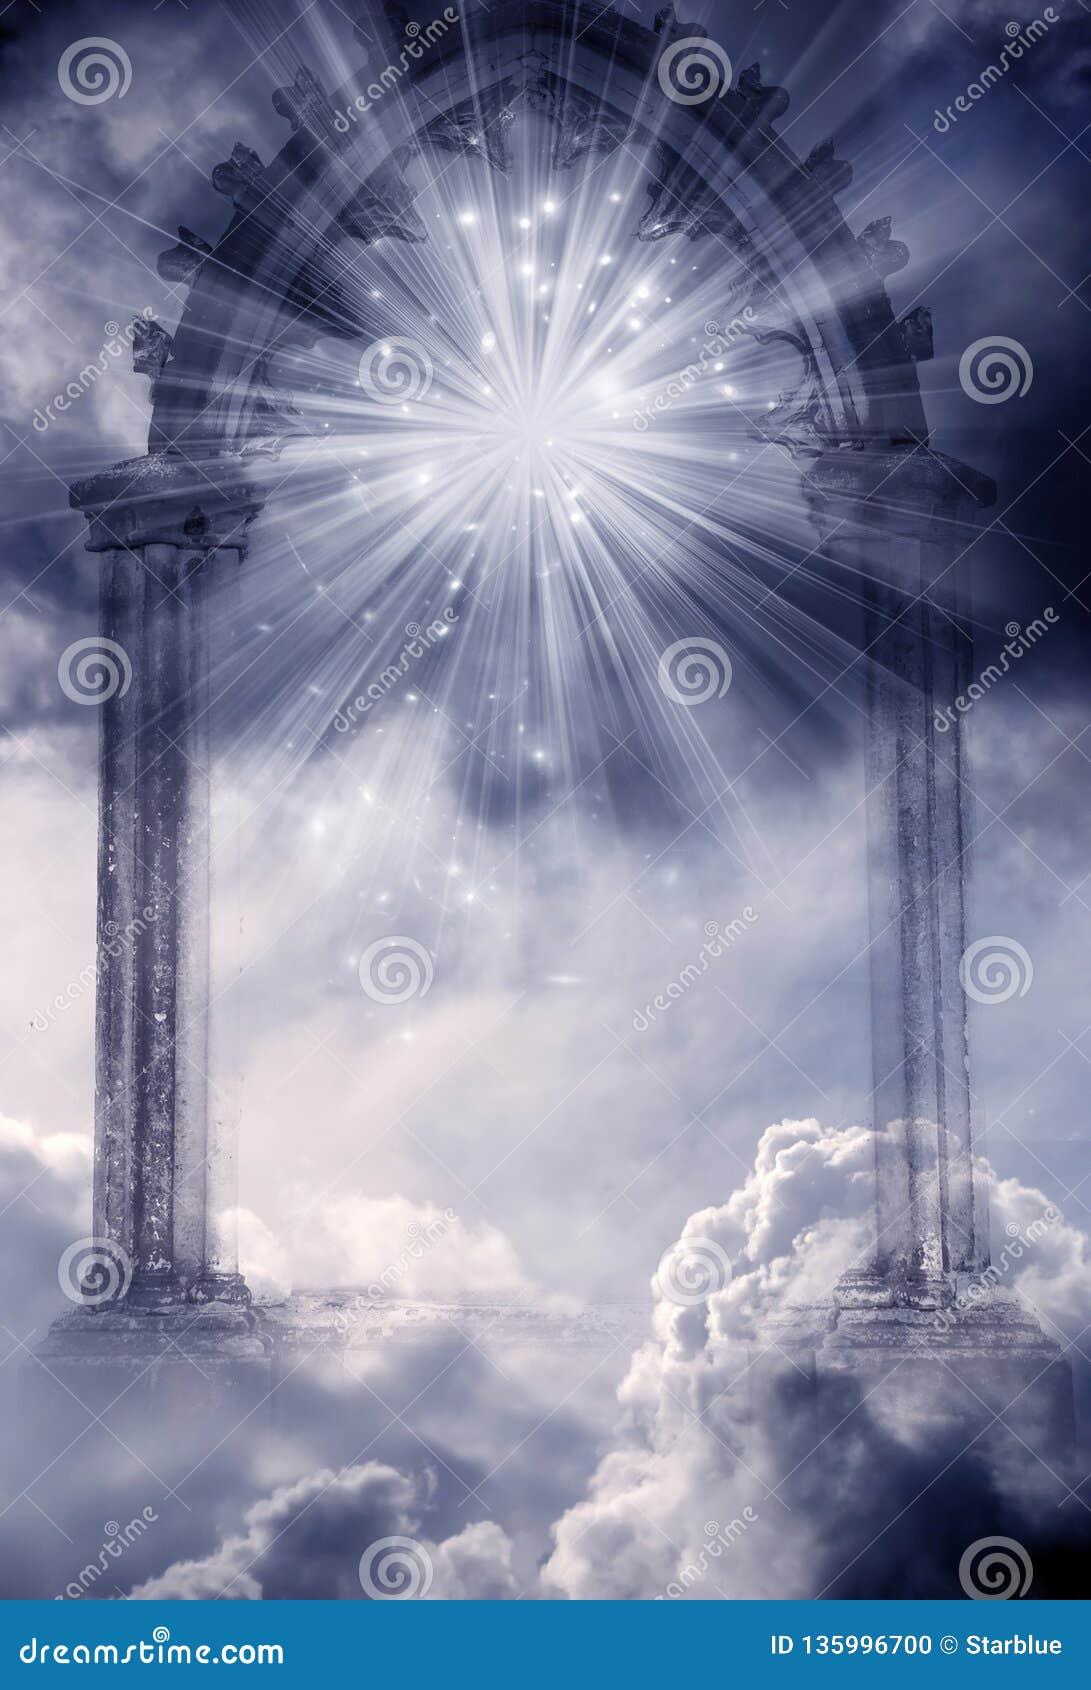 Mistyczna boska anioł brama raj z promieniami światło i gwiazdy